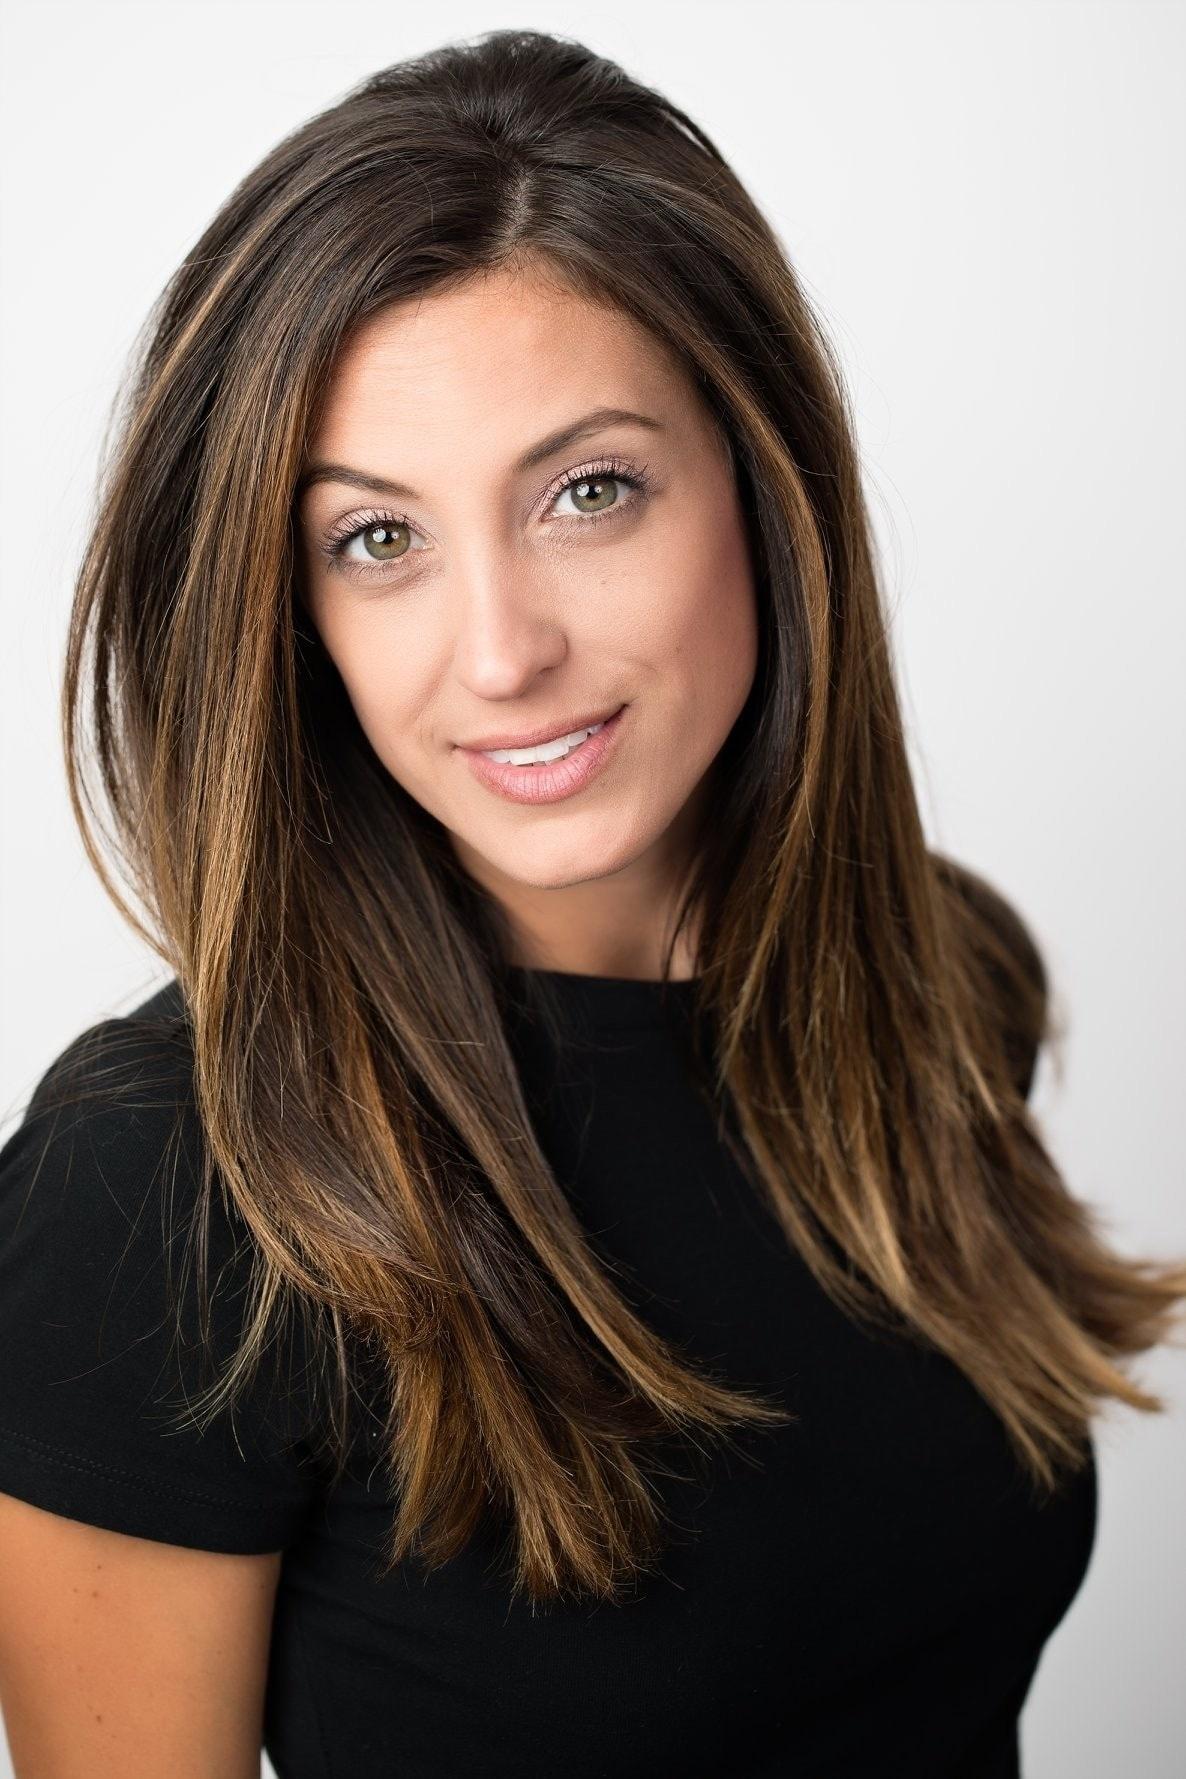 Jeanette Pacifico